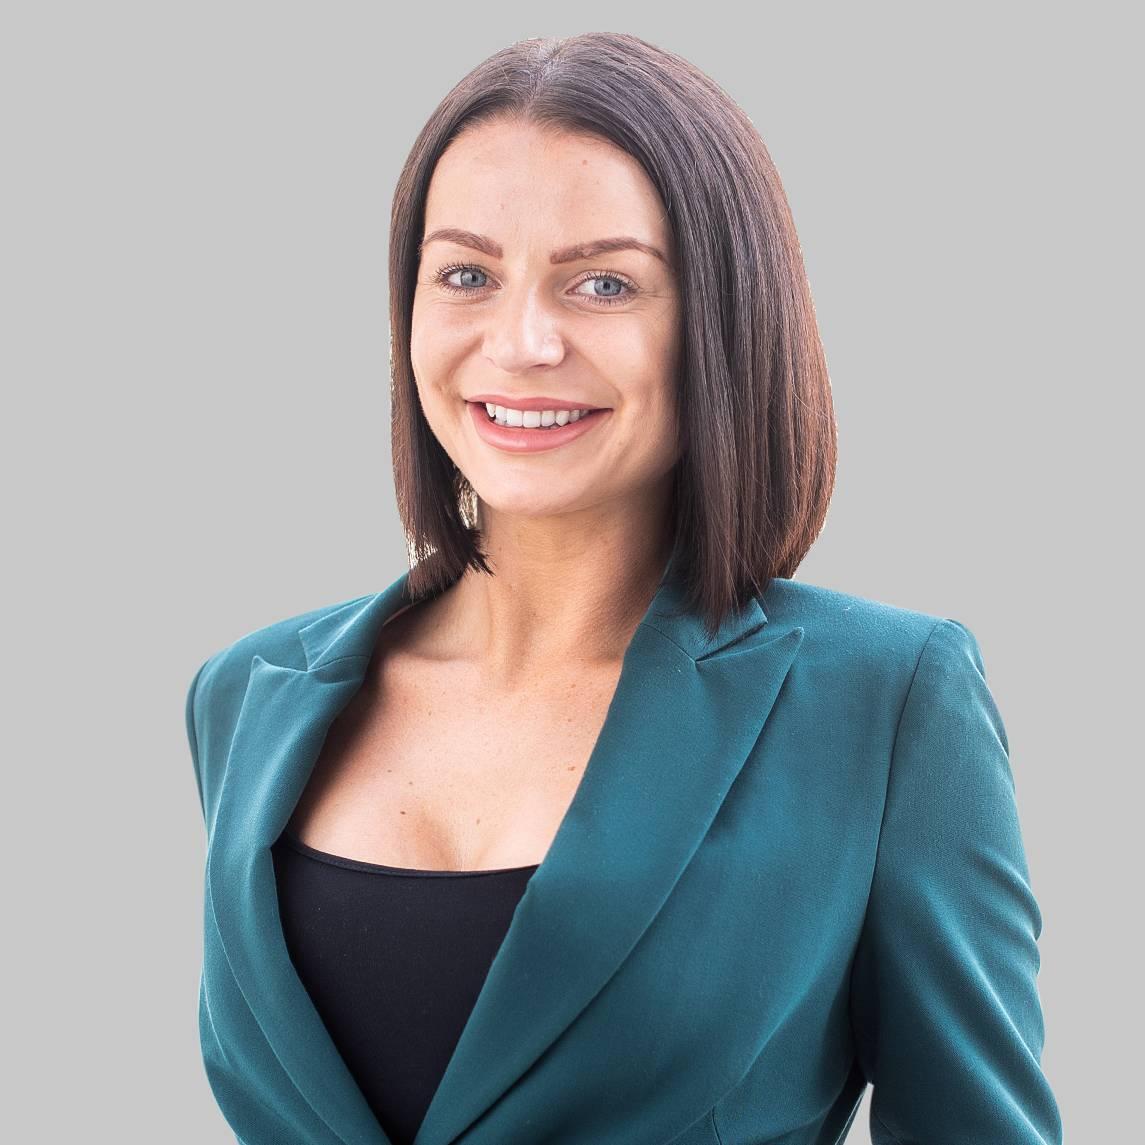 Georgina Taylor